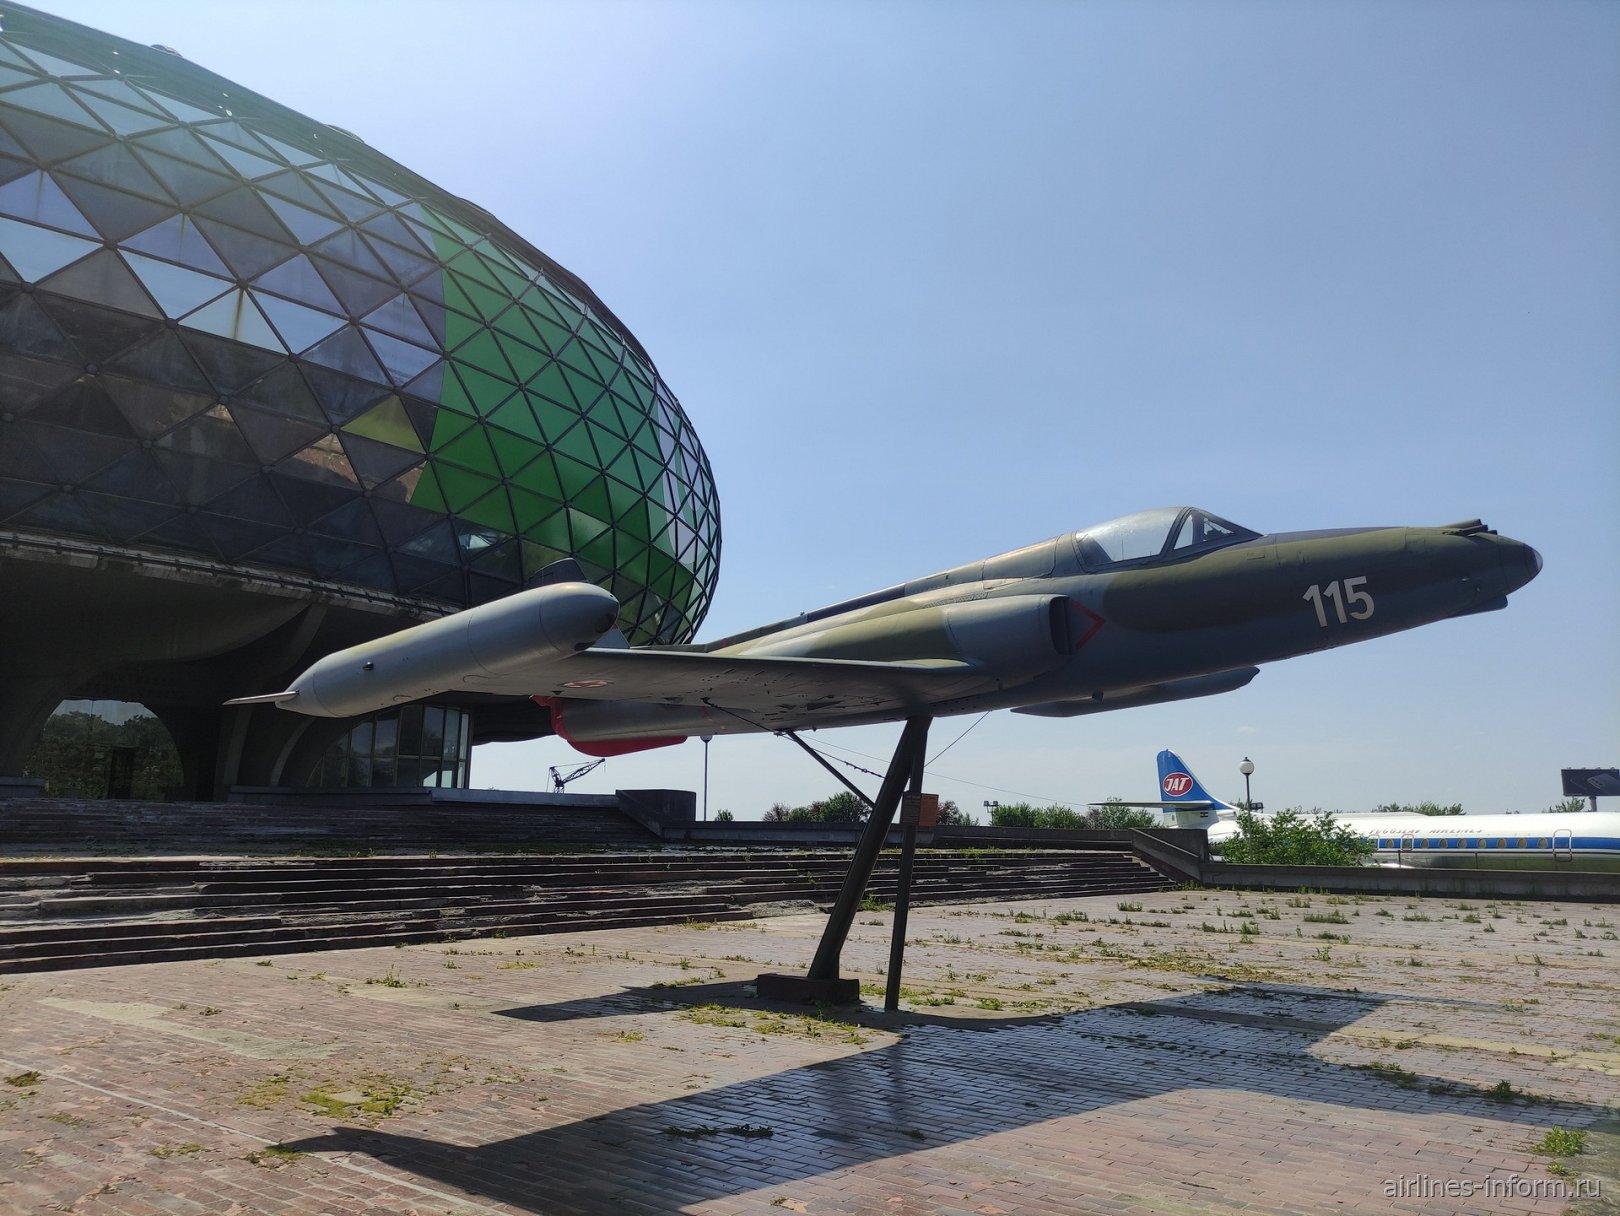 Музей воздухоплавания — Белград.